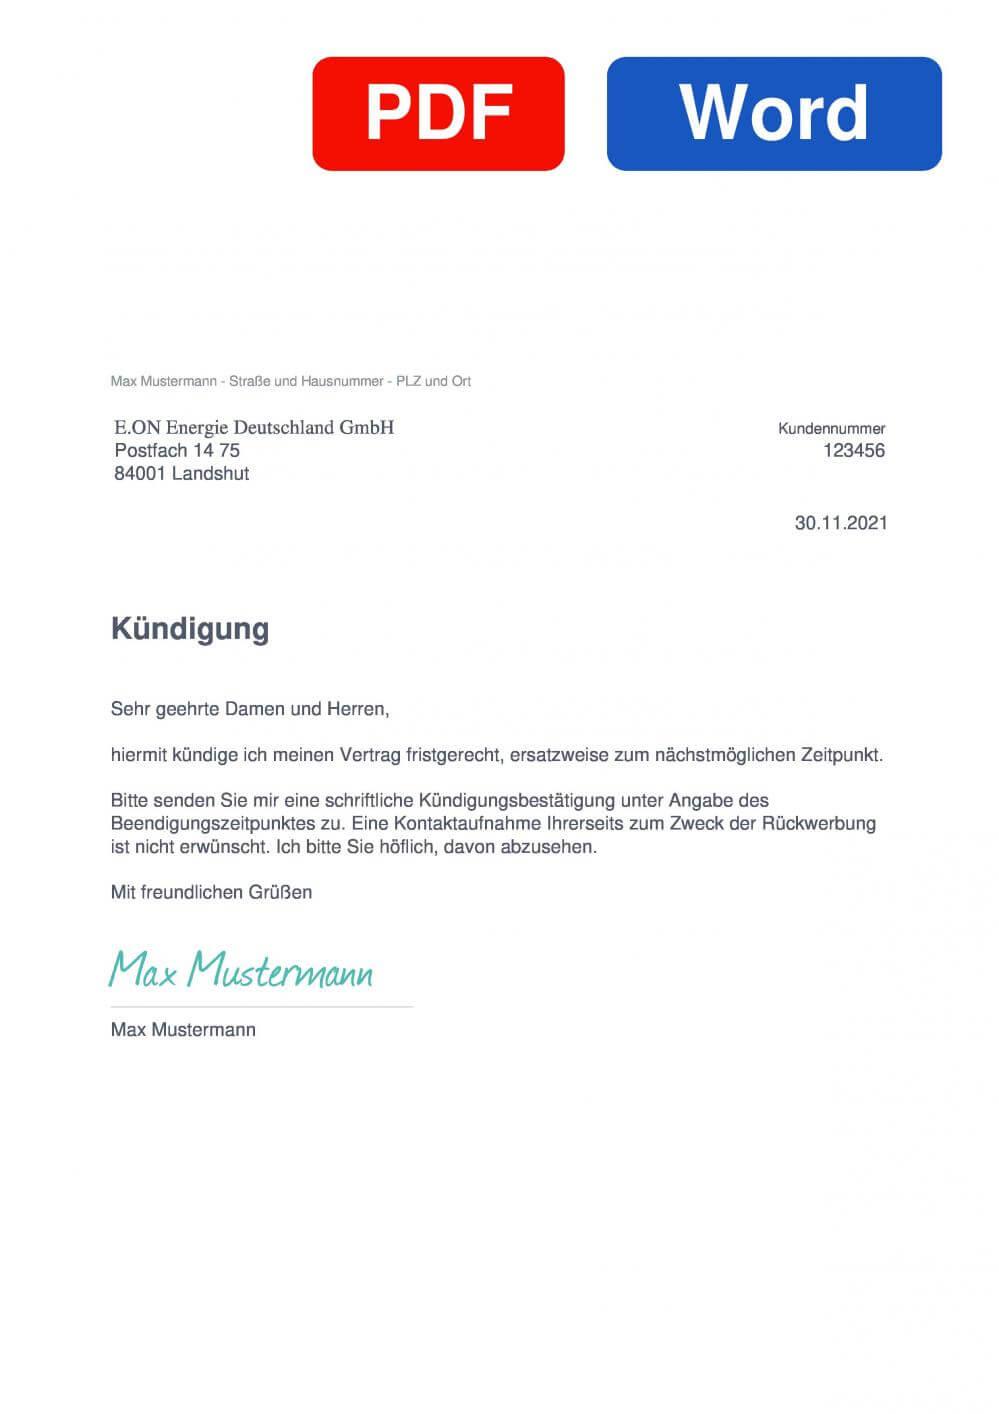 E.ON Bayern Muster Vorlage für Kündigungsschreiben